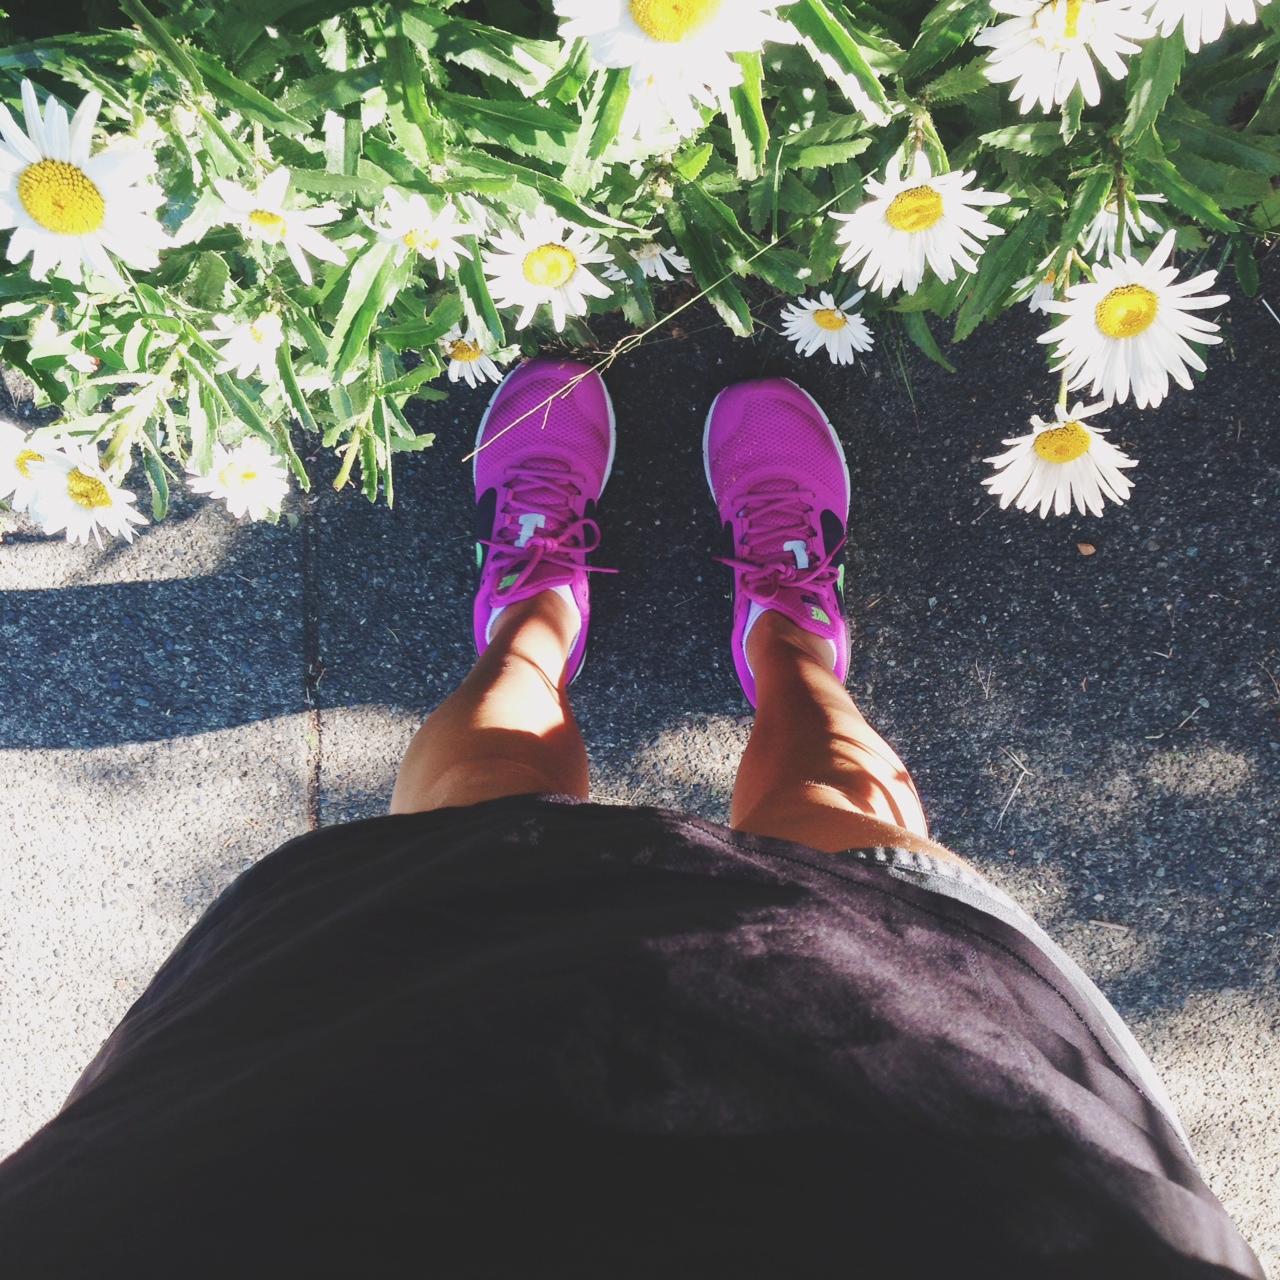 Summer Running Tips from ssheart